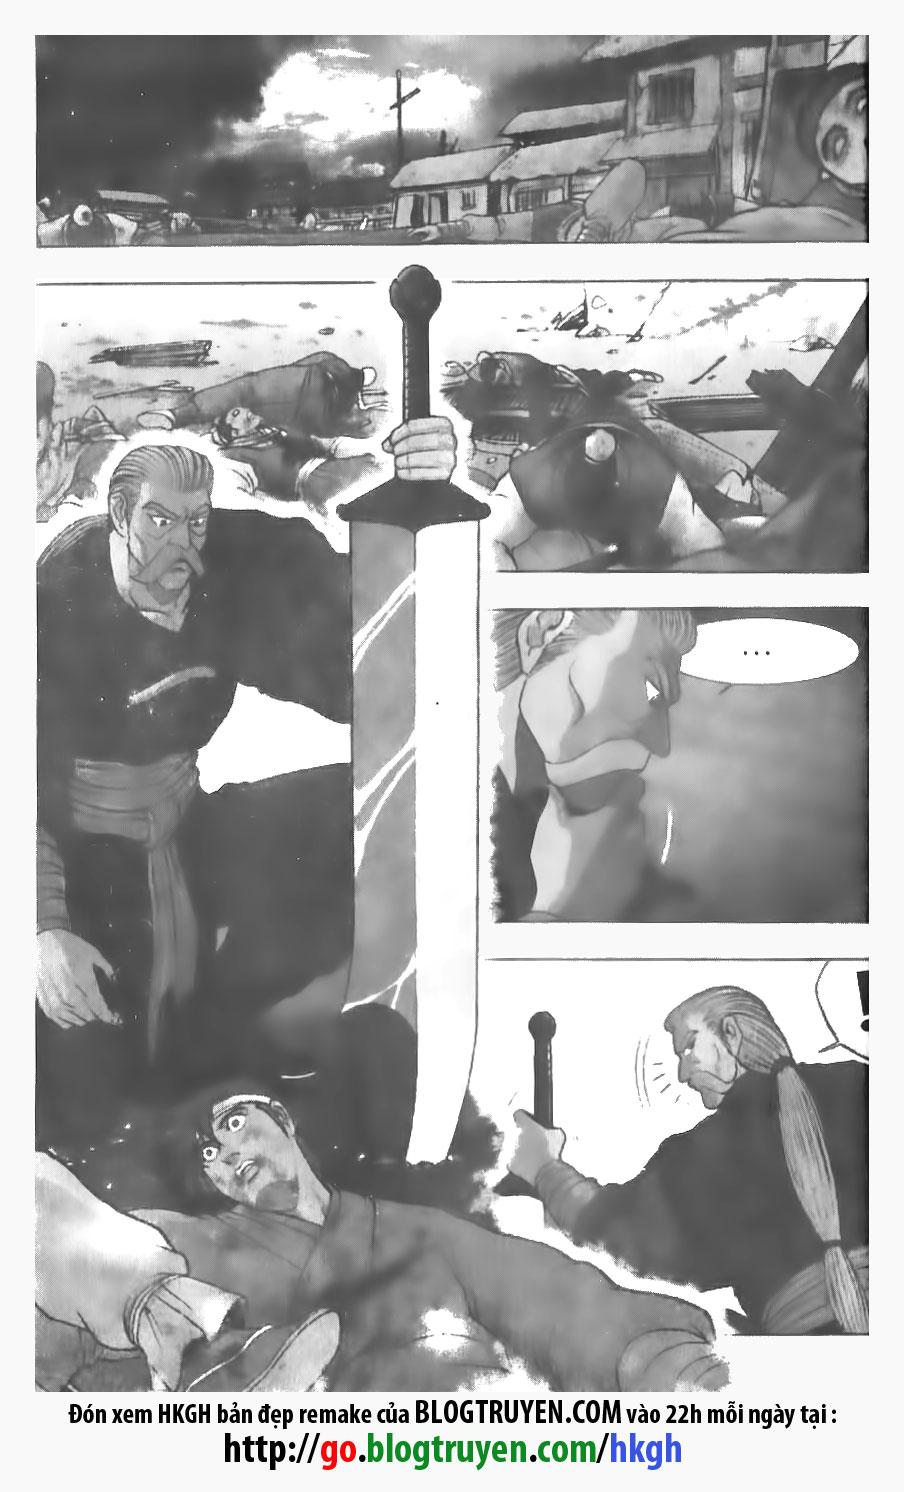 xem truyen moi - Hiệp Khách Giang Hồ Vol12 - Chap 076 - Remake